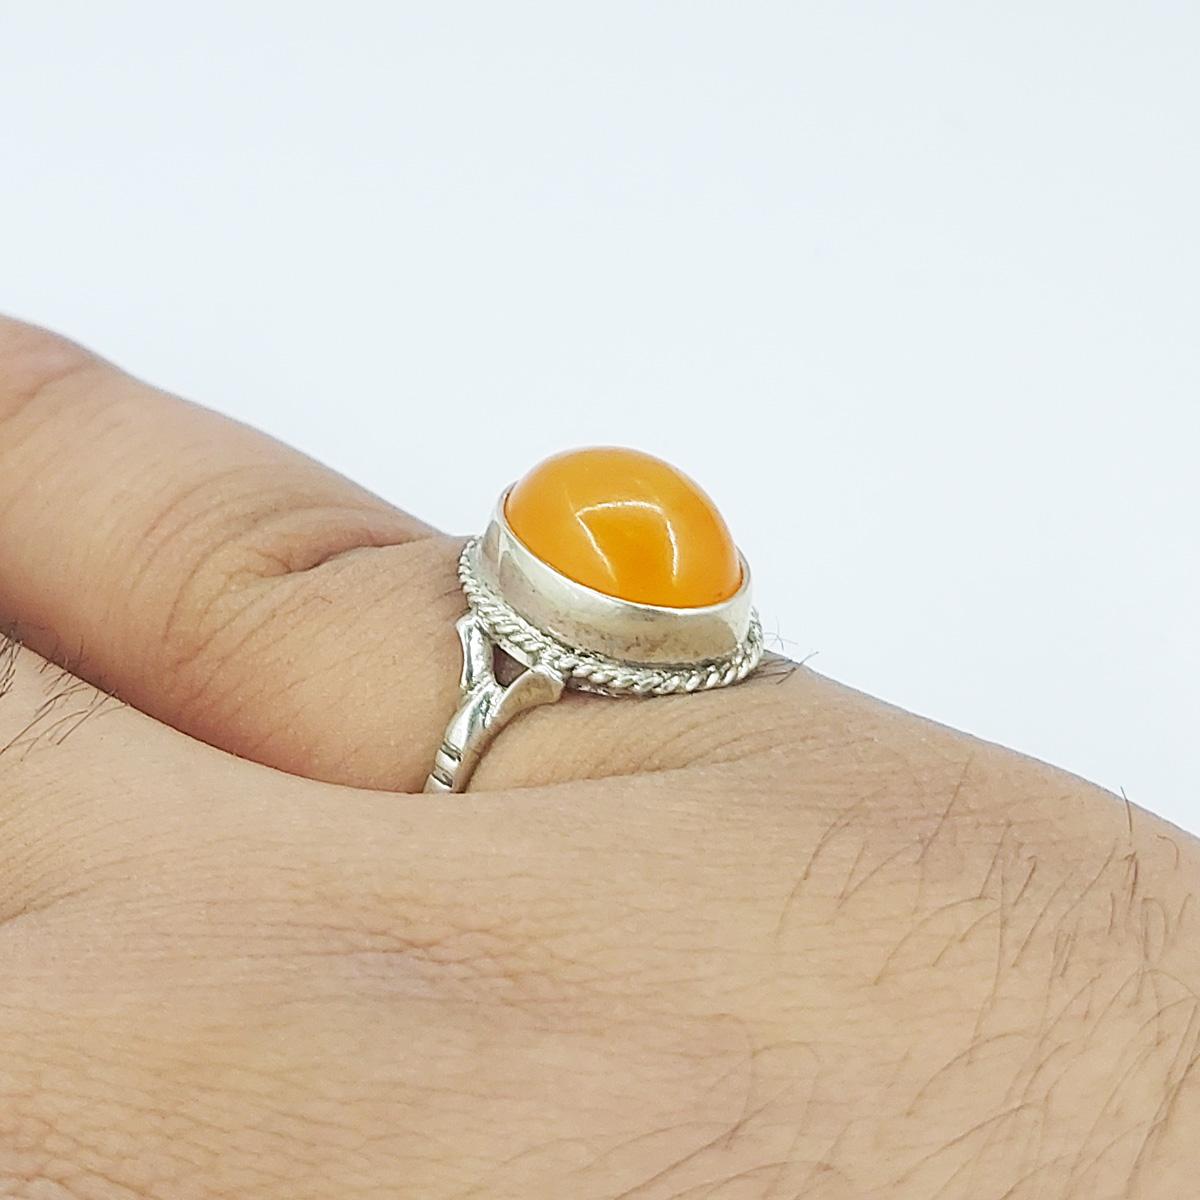 انگشتر نقره مردانه سلین کالا مدل کهربا ce-As133